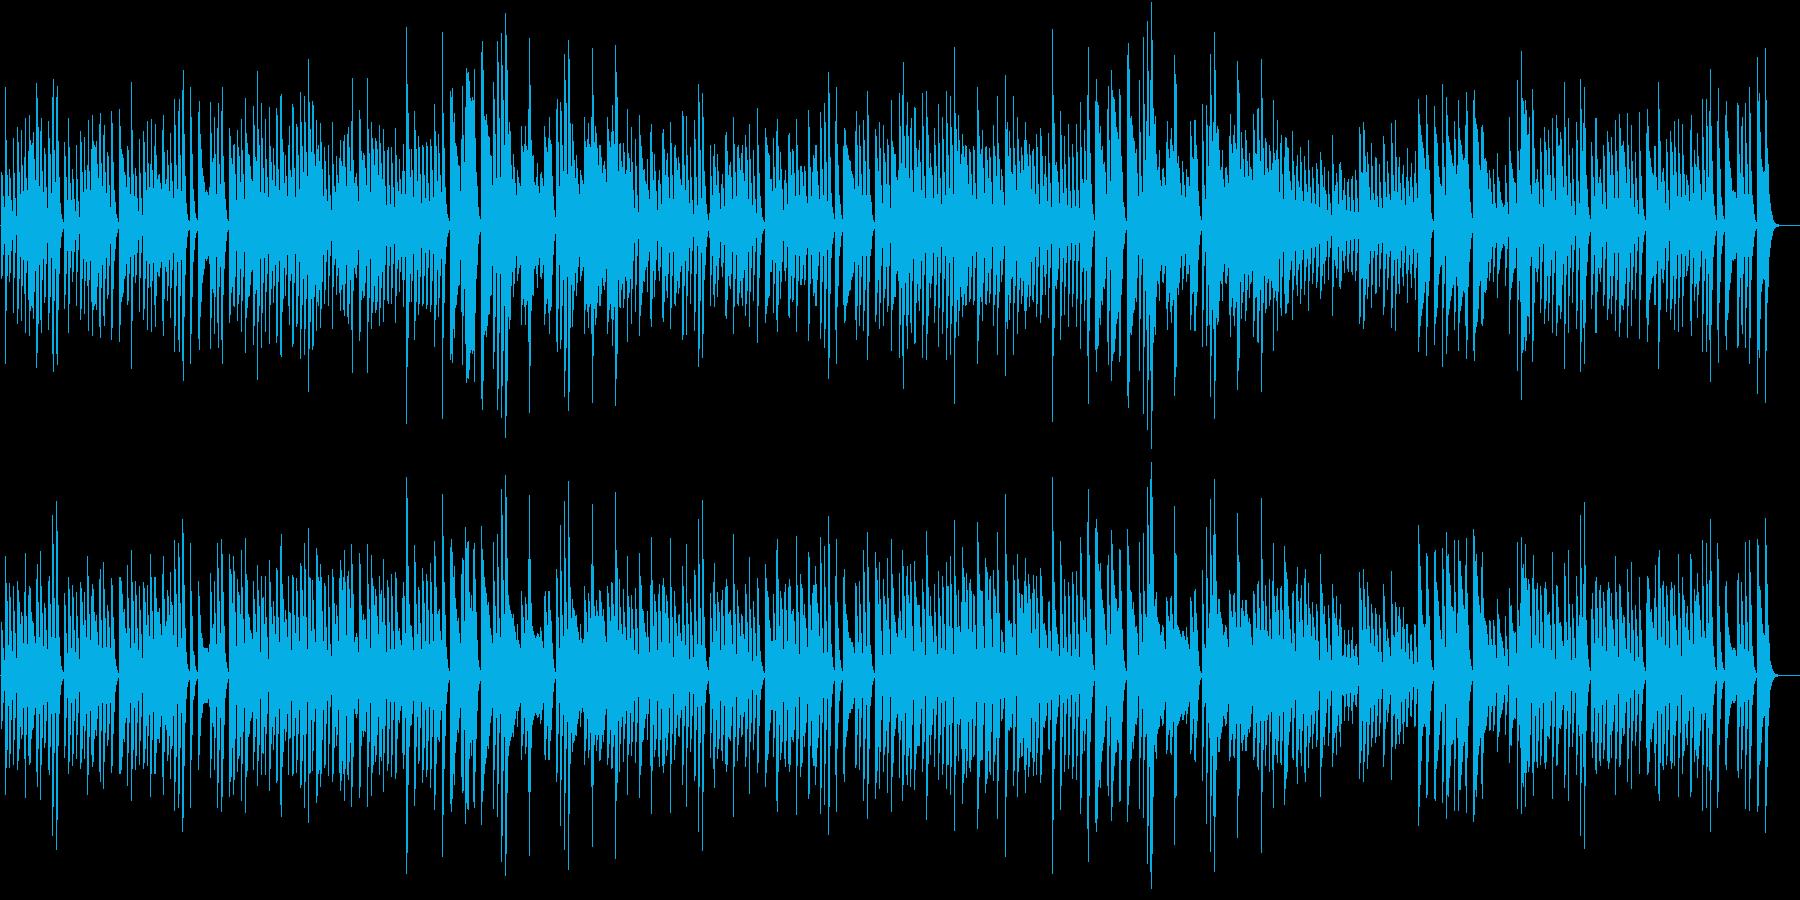 猫動画に♪リズミカルお茶目なピアノBGMの再生済みの波形